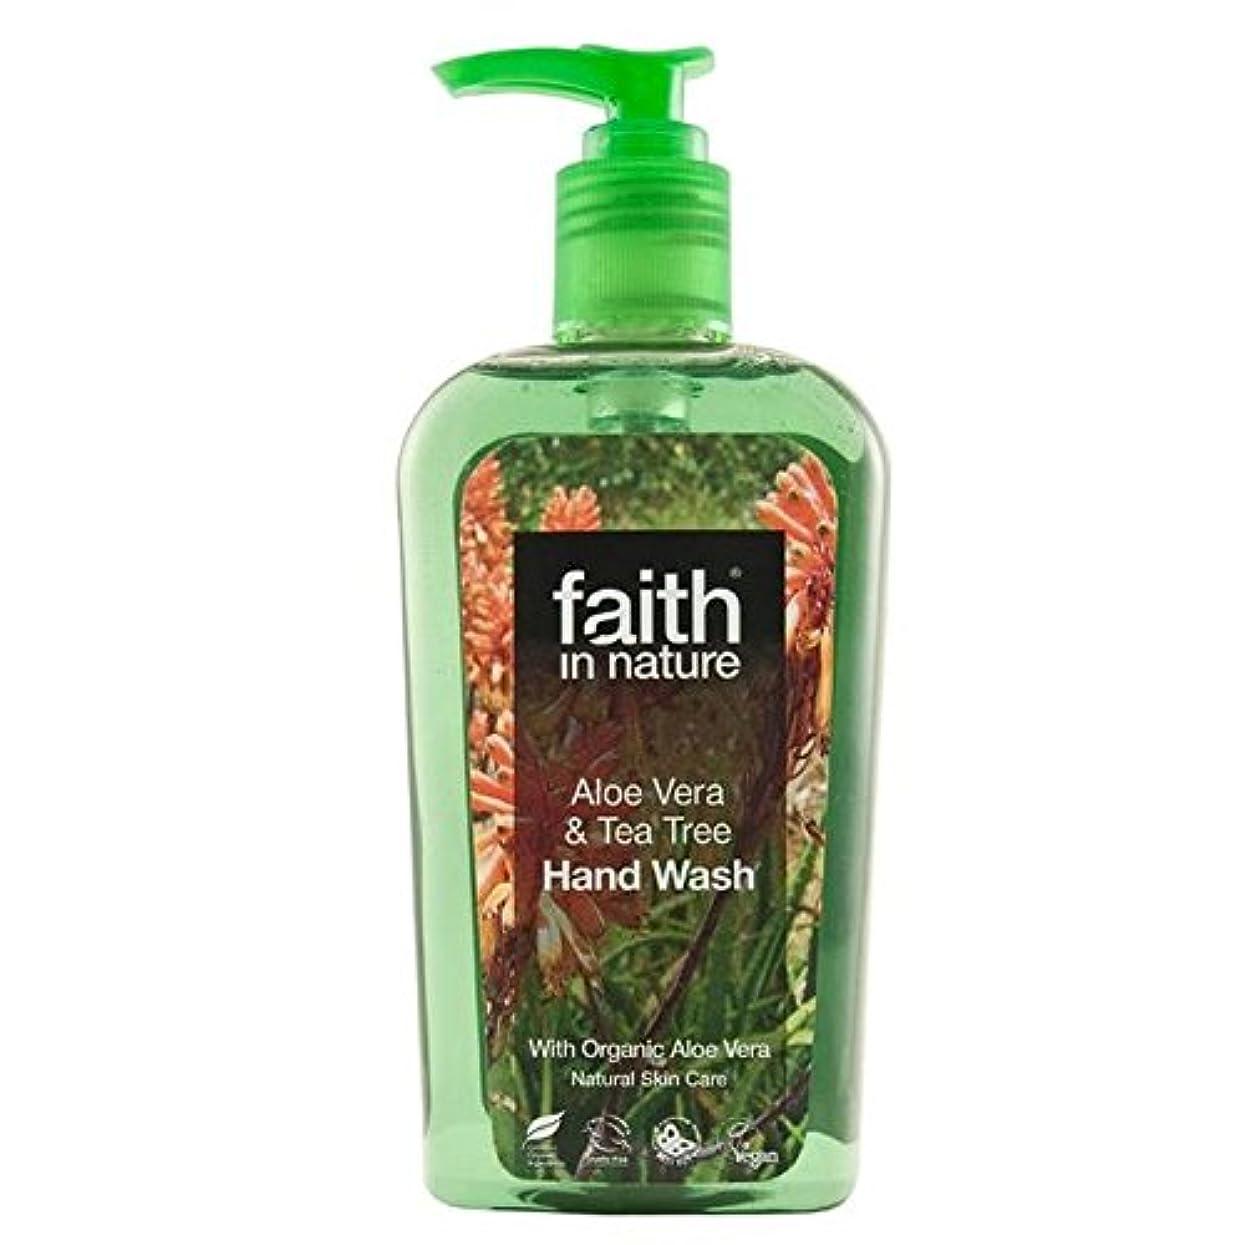 イタリアの警報置換Faith in Nature Aloe Vera & Tea Tree Handwash 300ml (Pack of 2) - (Faith In Nature) 自然のアロエベラ&ティーツリー手洗いの300ミリリットルの信仰 (x2) [並行輸入品]